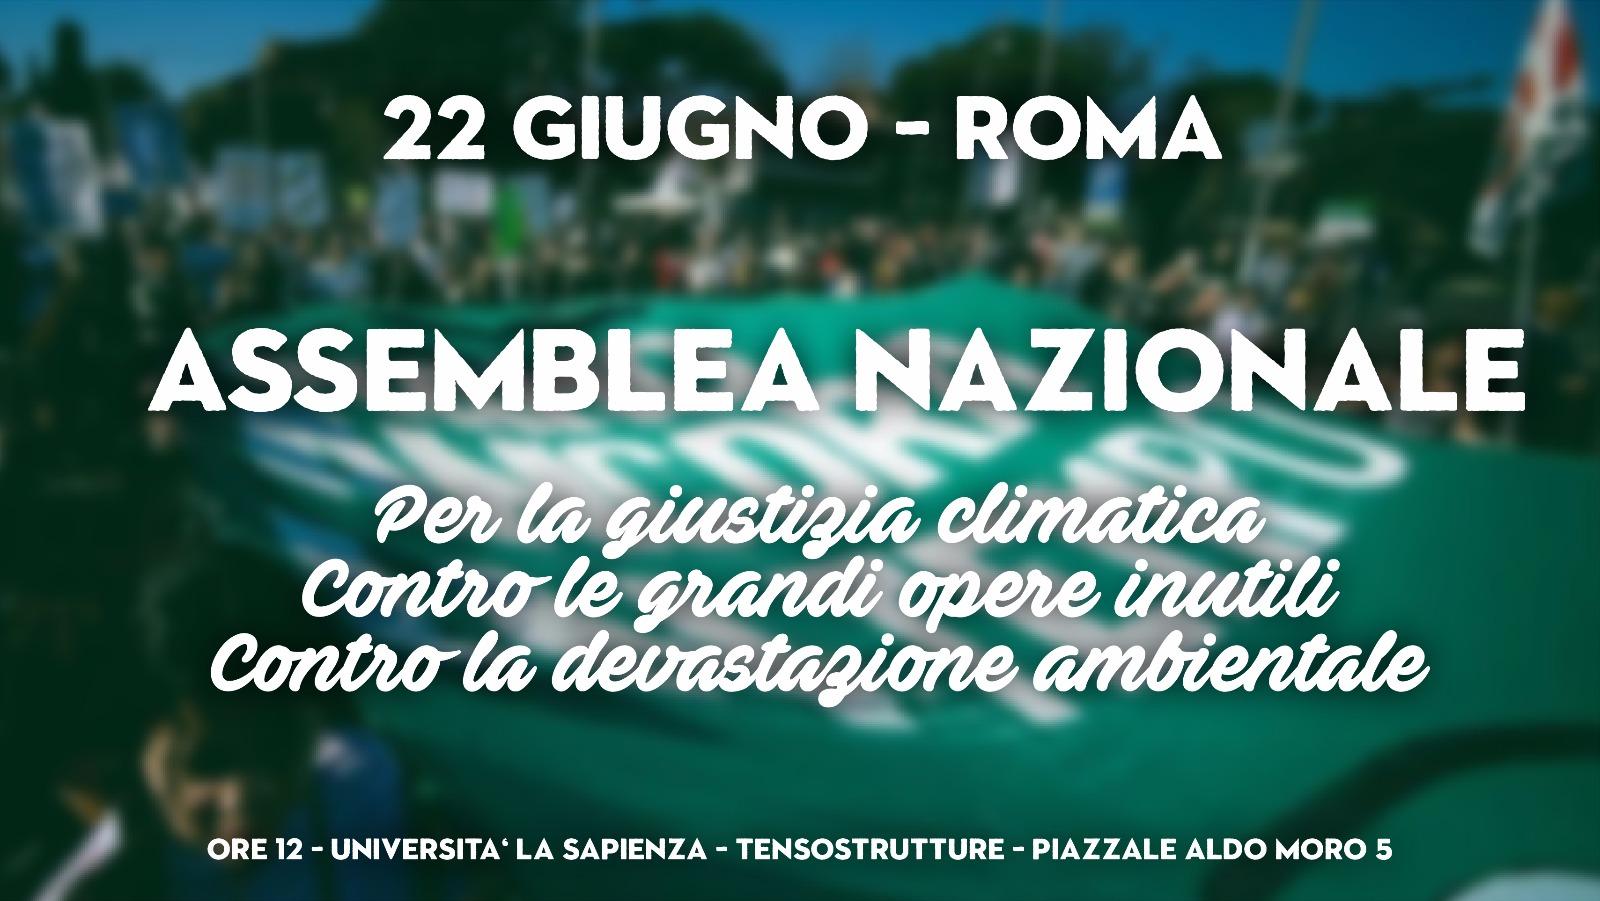 22/06, Roma. Assemblea Nazionale per la giustizia climatica, contro le grandi opere inutili e le devastazioni ambientali!